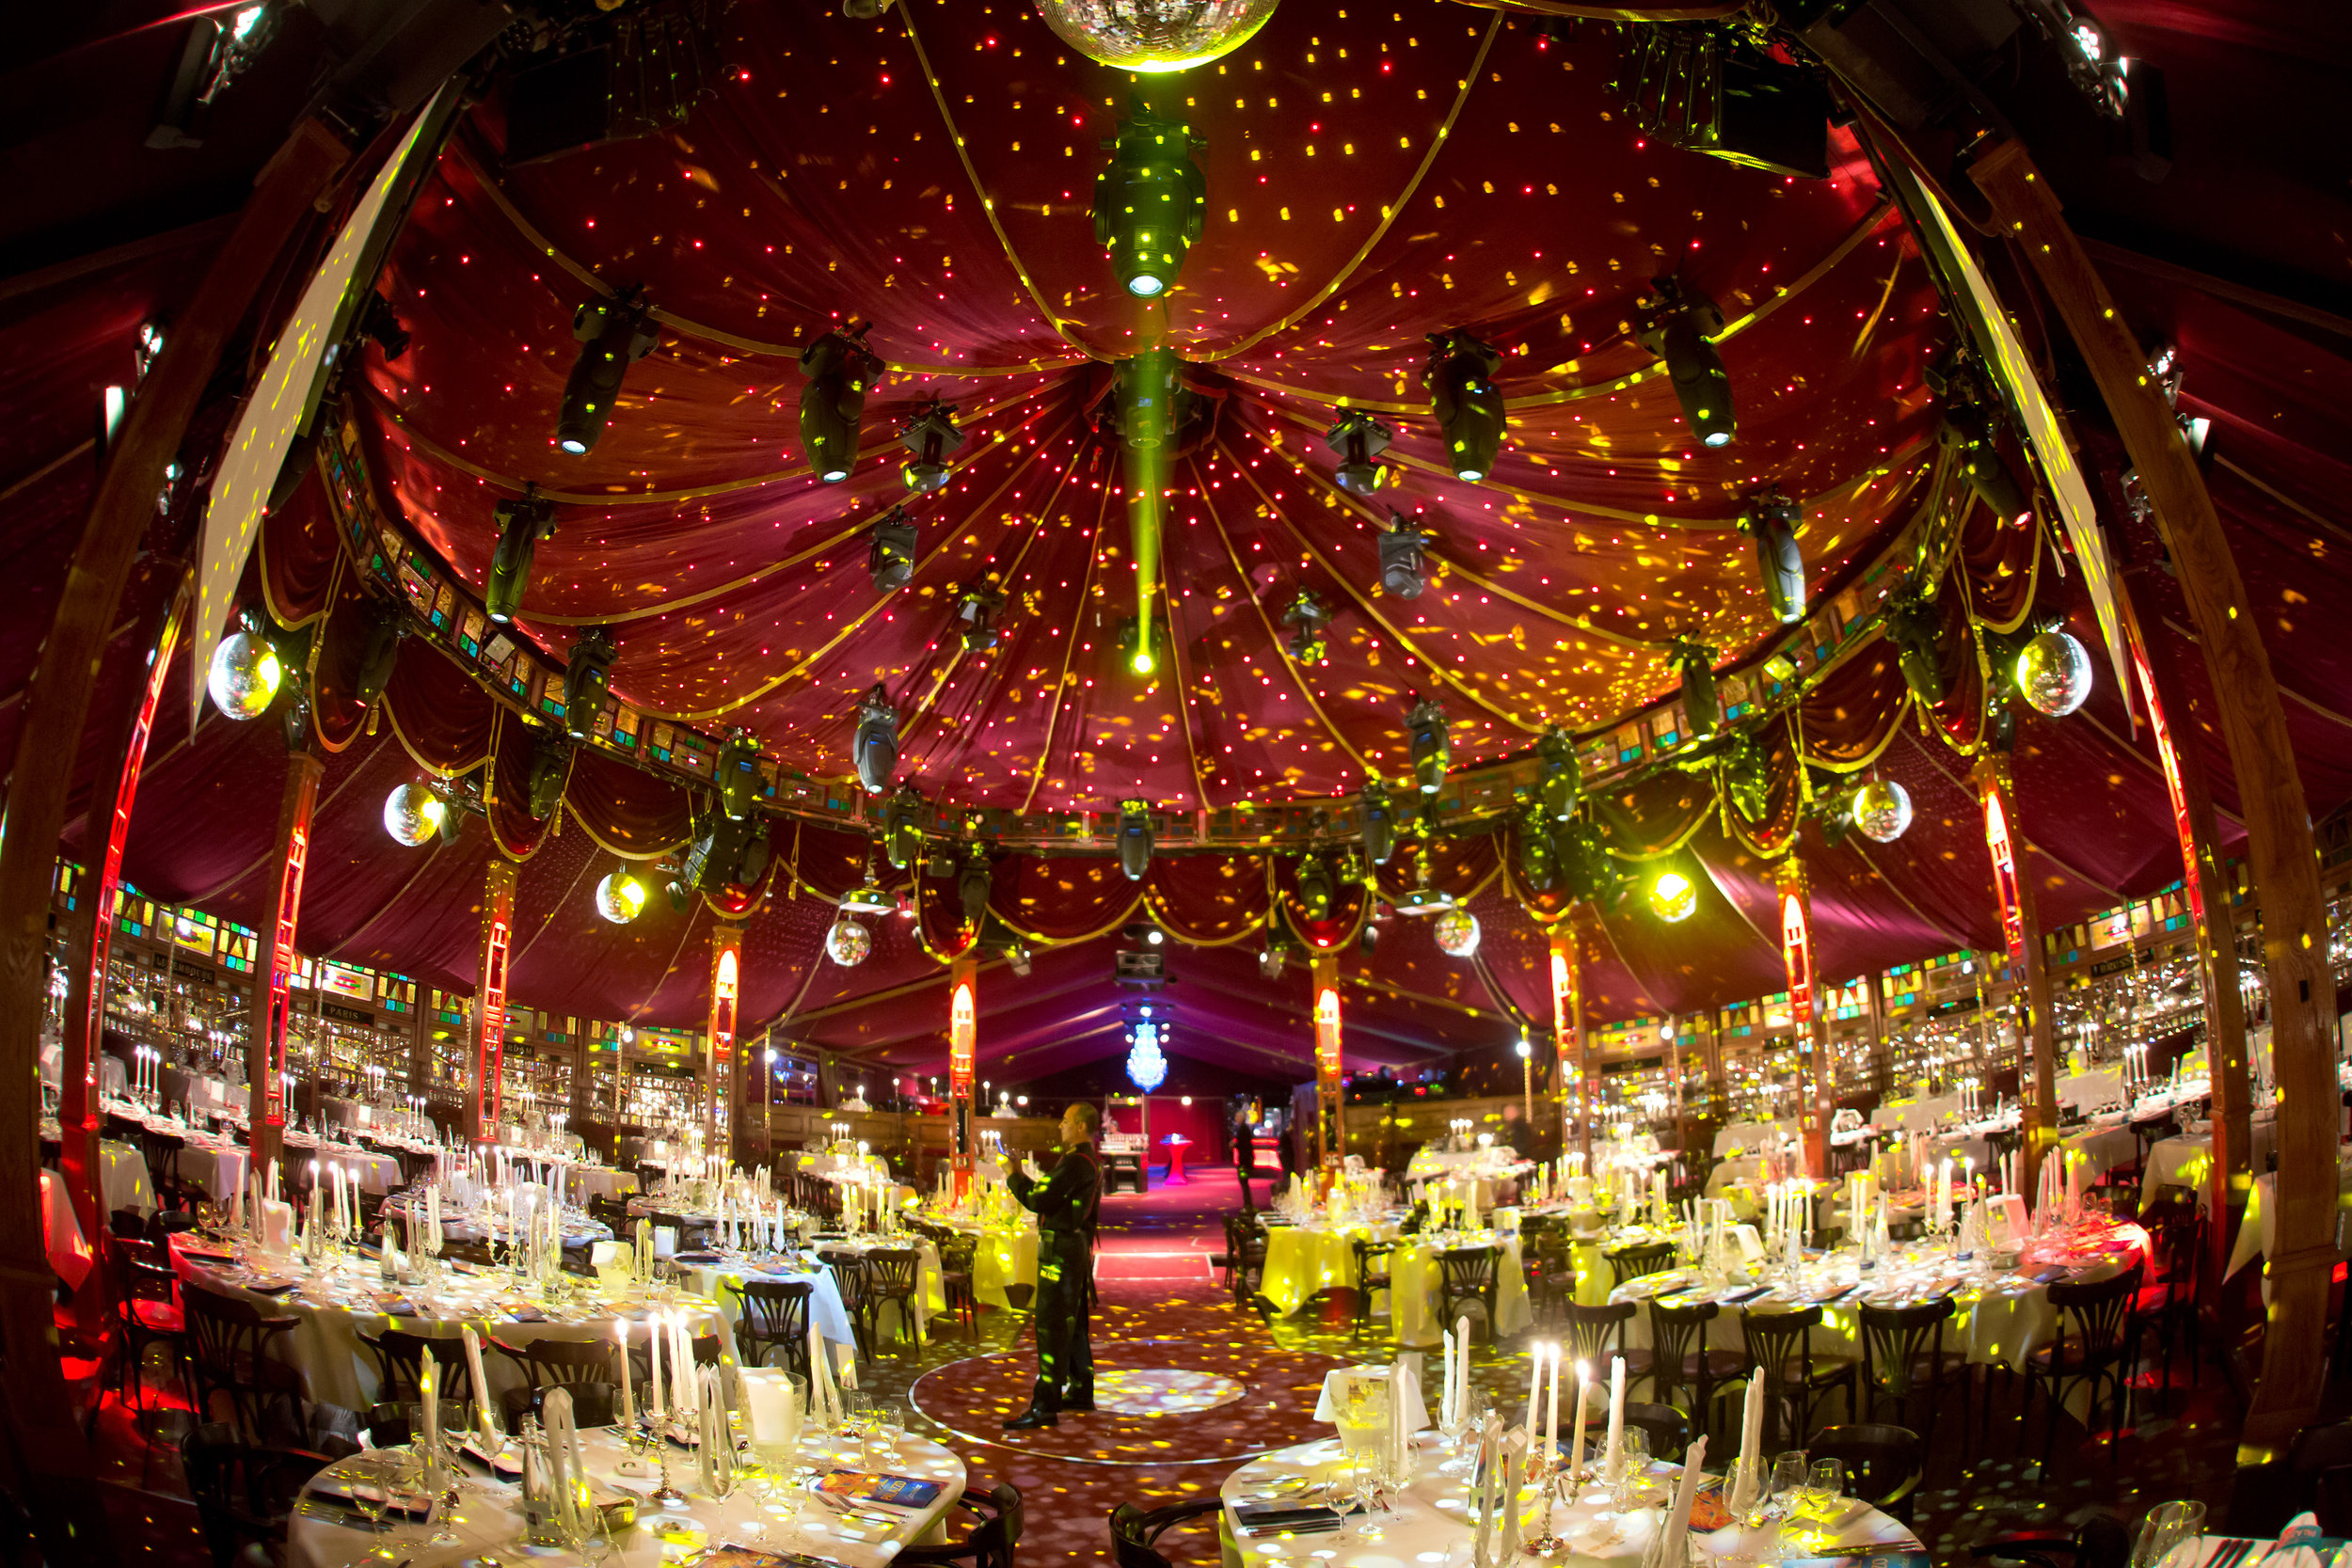 Het_Spiegelpaleis-The_Caroussel_interior4.jpg